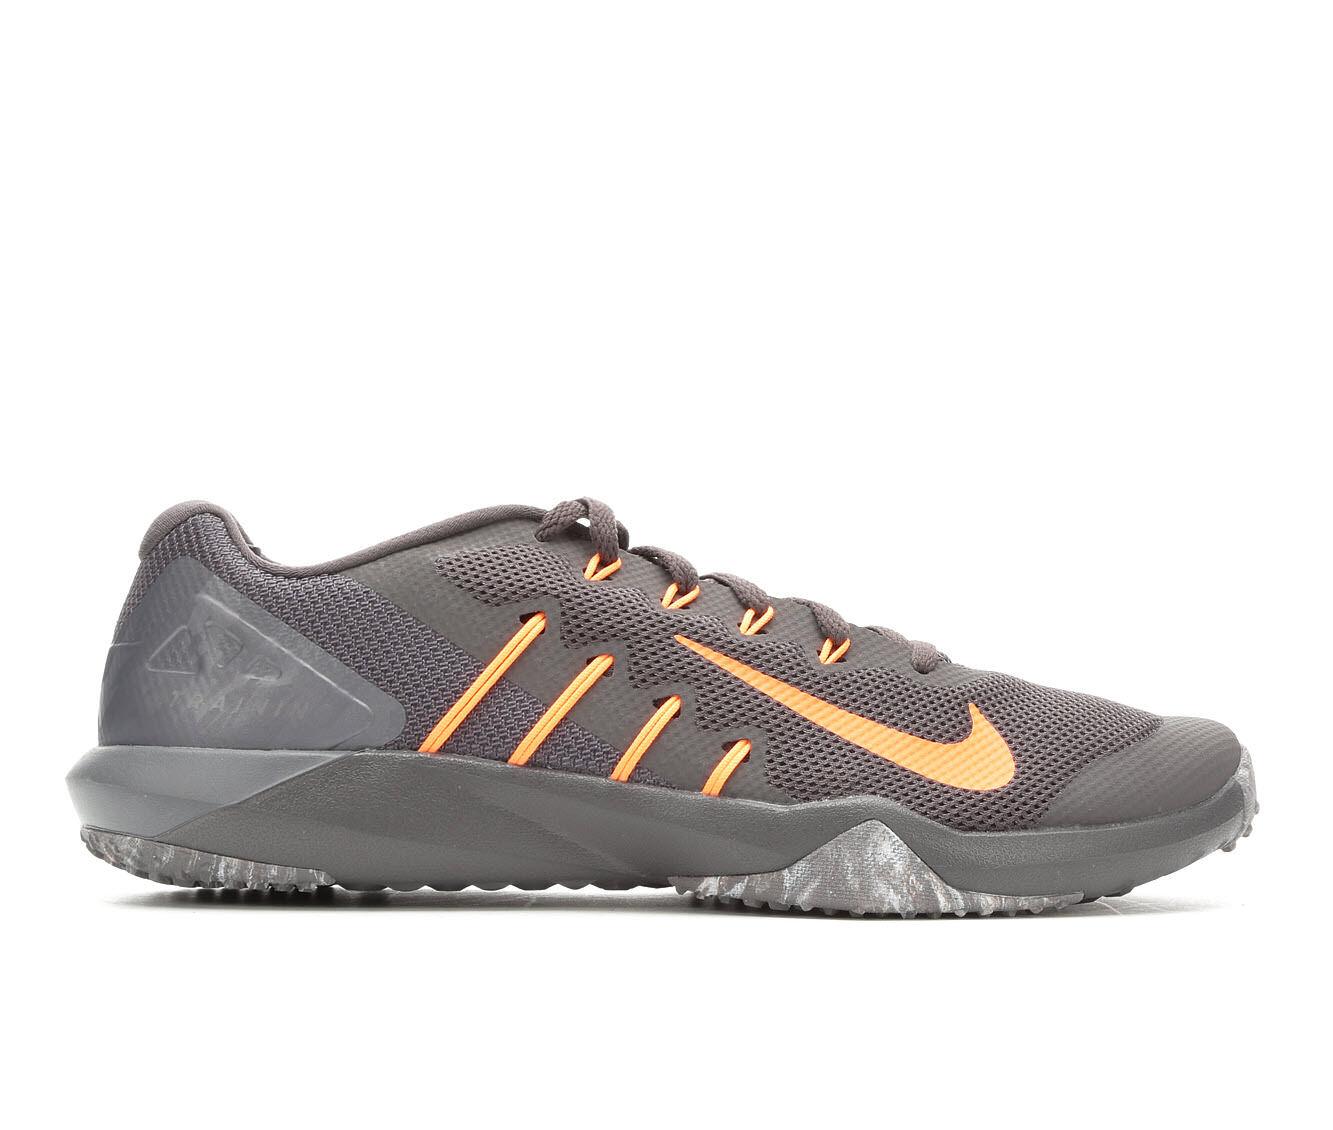 shop authentic new arrivals Men's Nike Retaliation Tr 2 Training Shoes Black/Orange